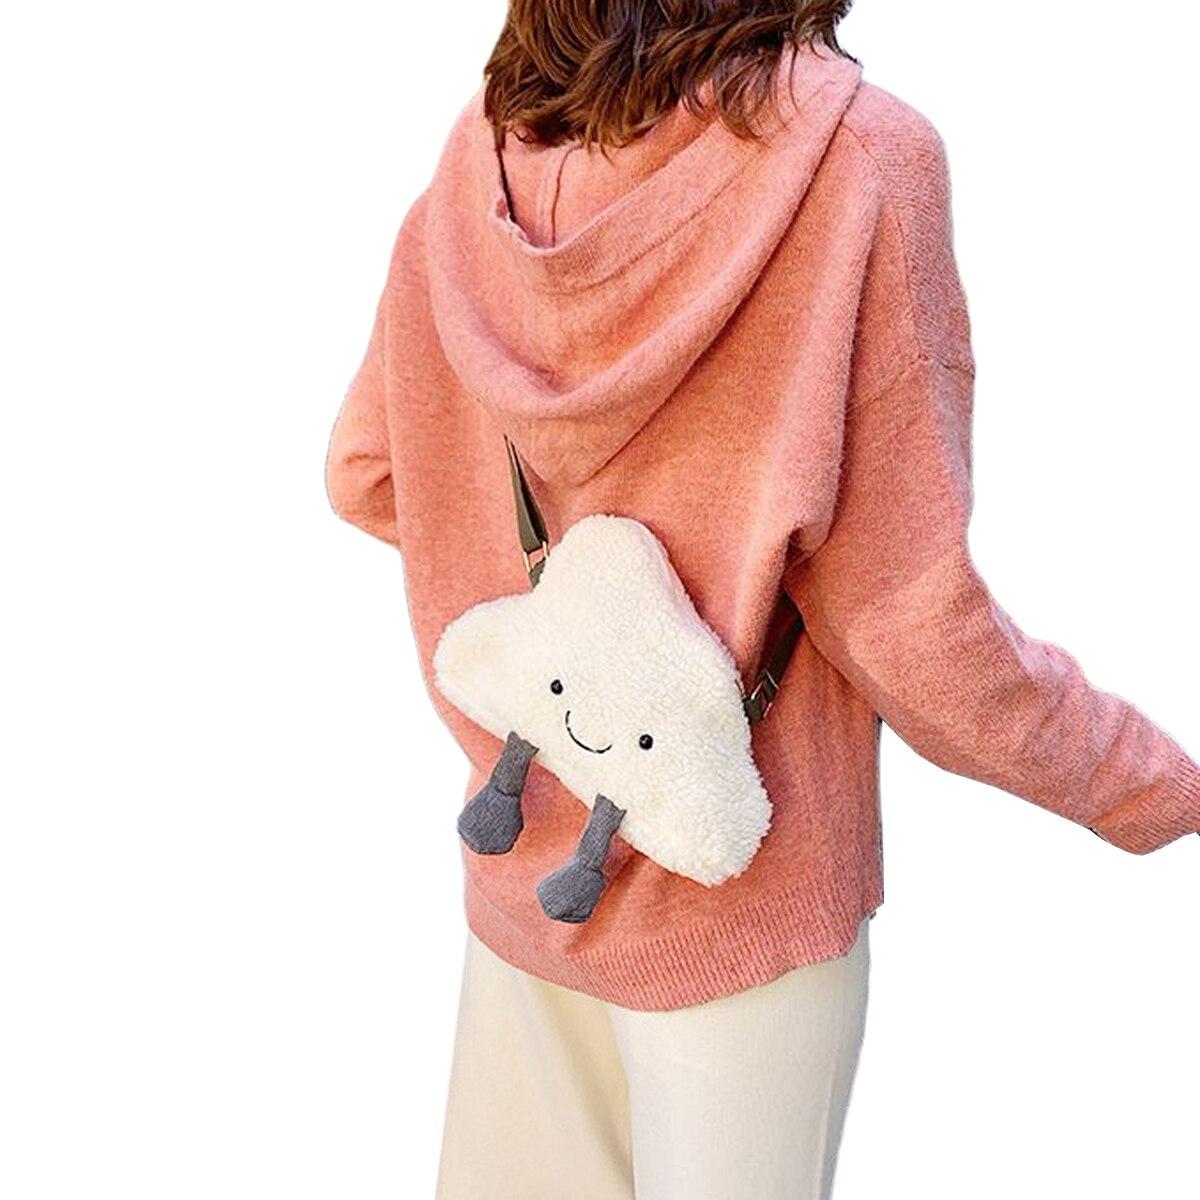 Little Baby Girls Small Crossbody Bag Soft Lovely Cloud Shape Plush Shoulder Bag Purses Birthday Gift for Women Girls